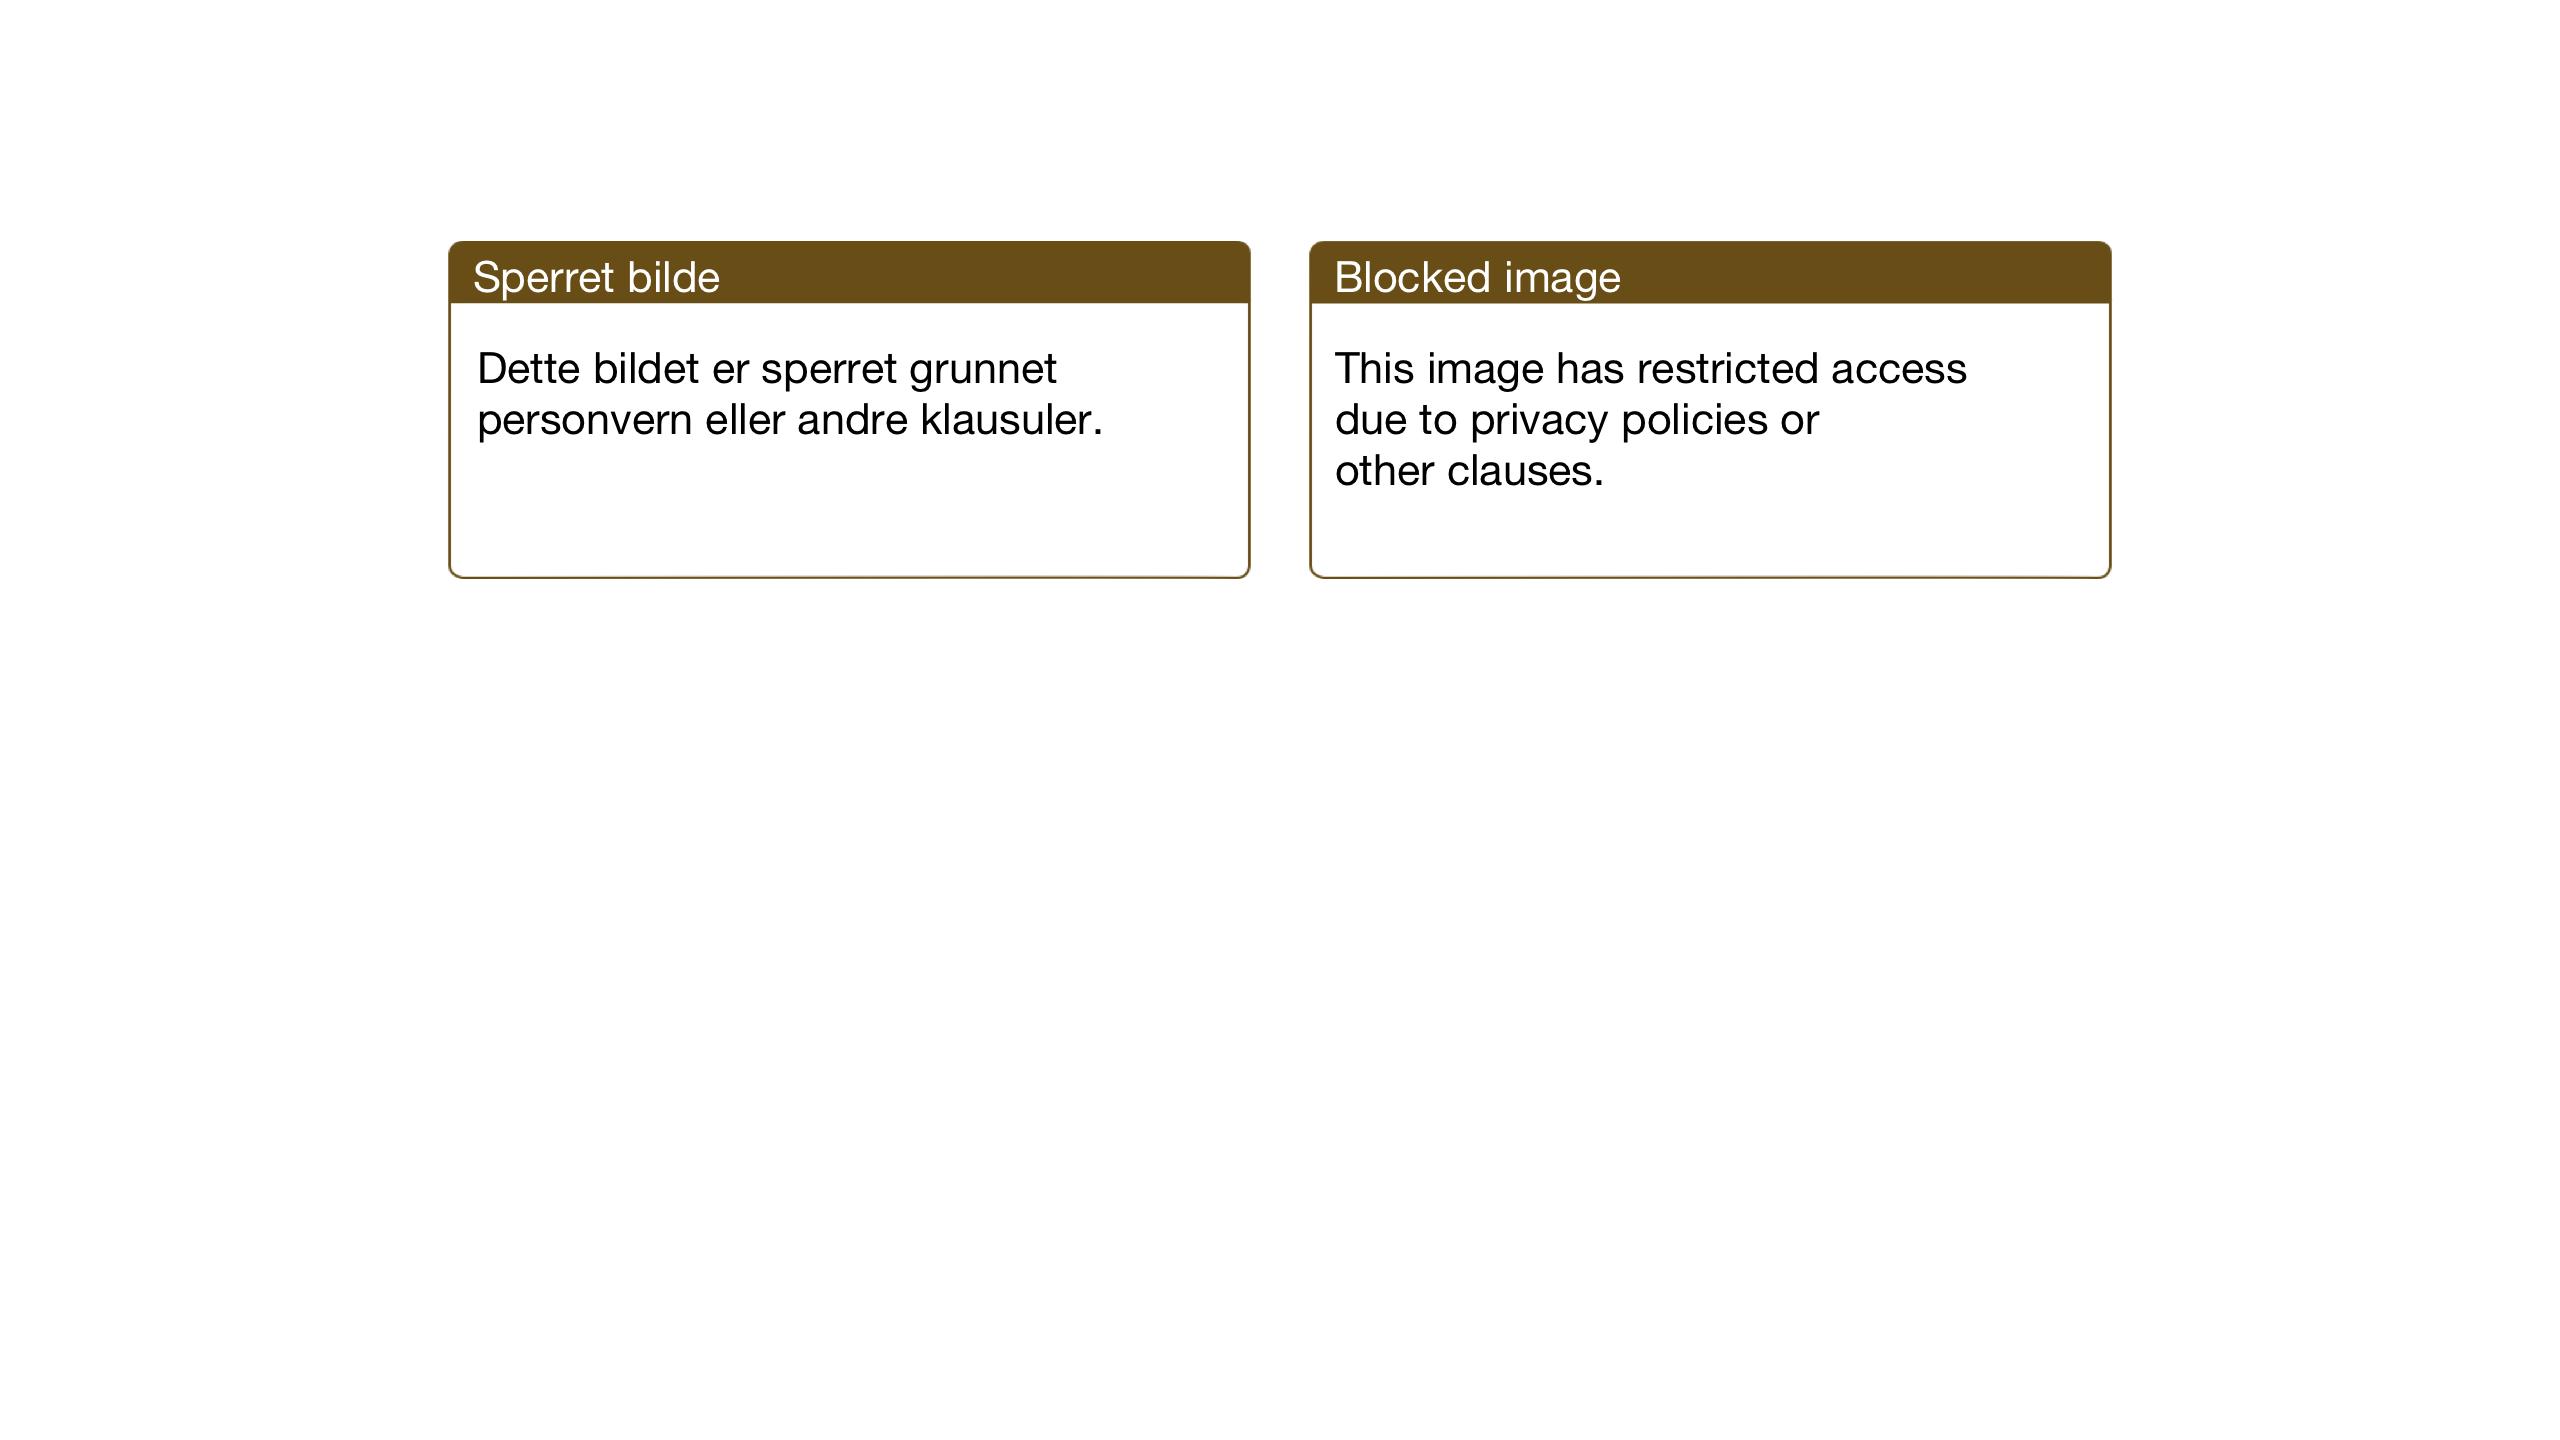 SAT, Ministerialprotokoller, klokkerbøker og fødselsregistre - Nord-Trøndelag, 710/L0097: Klokkerbok nr. 710C02, 1925-1955, s. 57